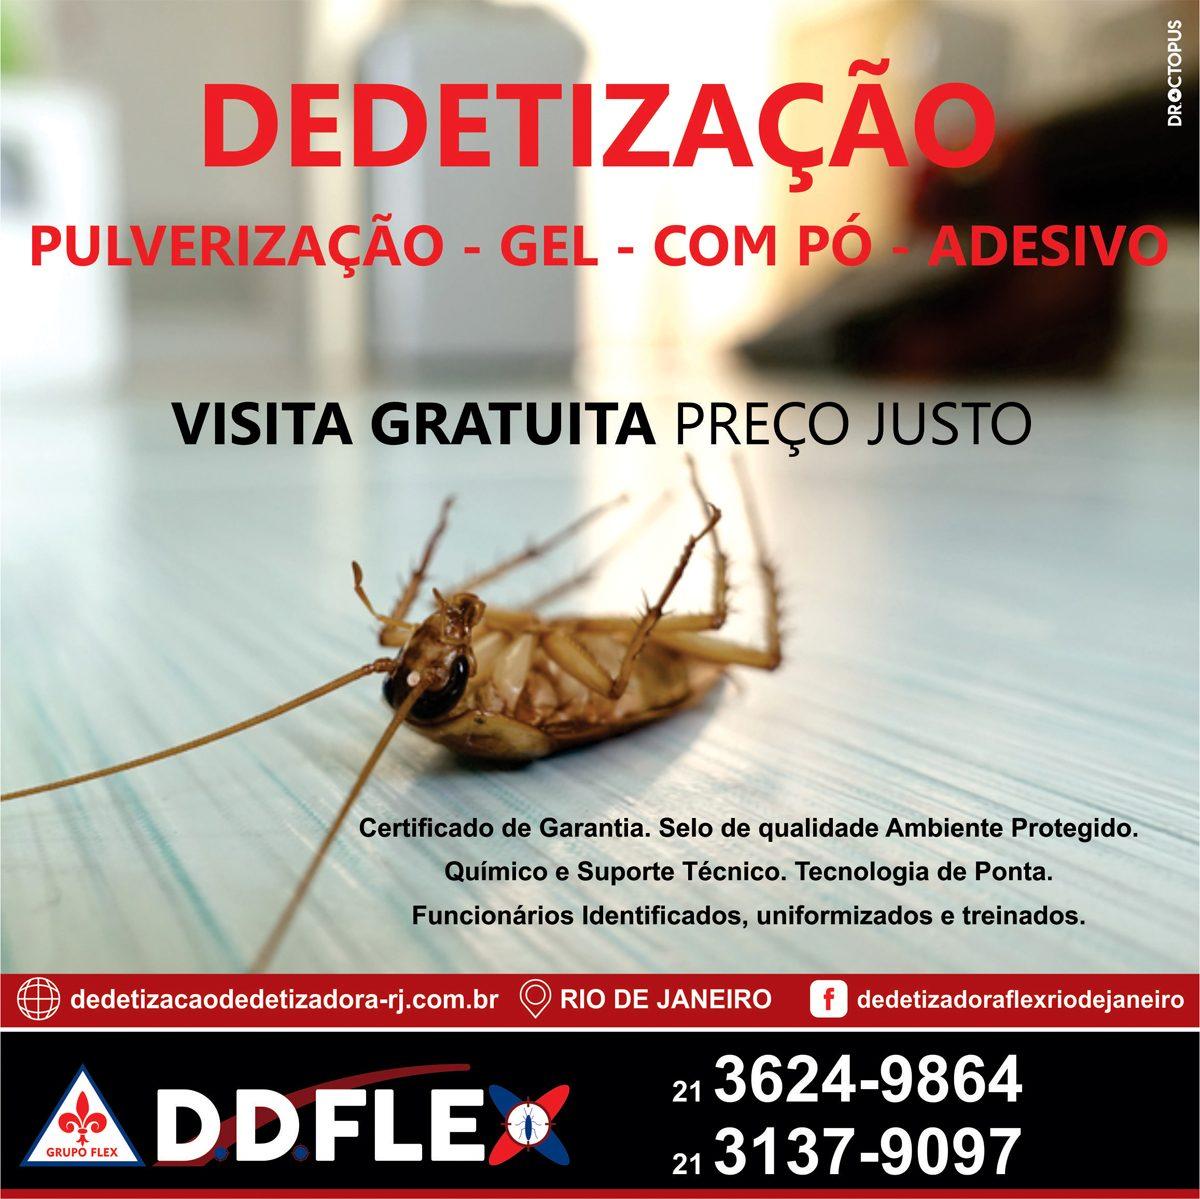 ddflex-RIO